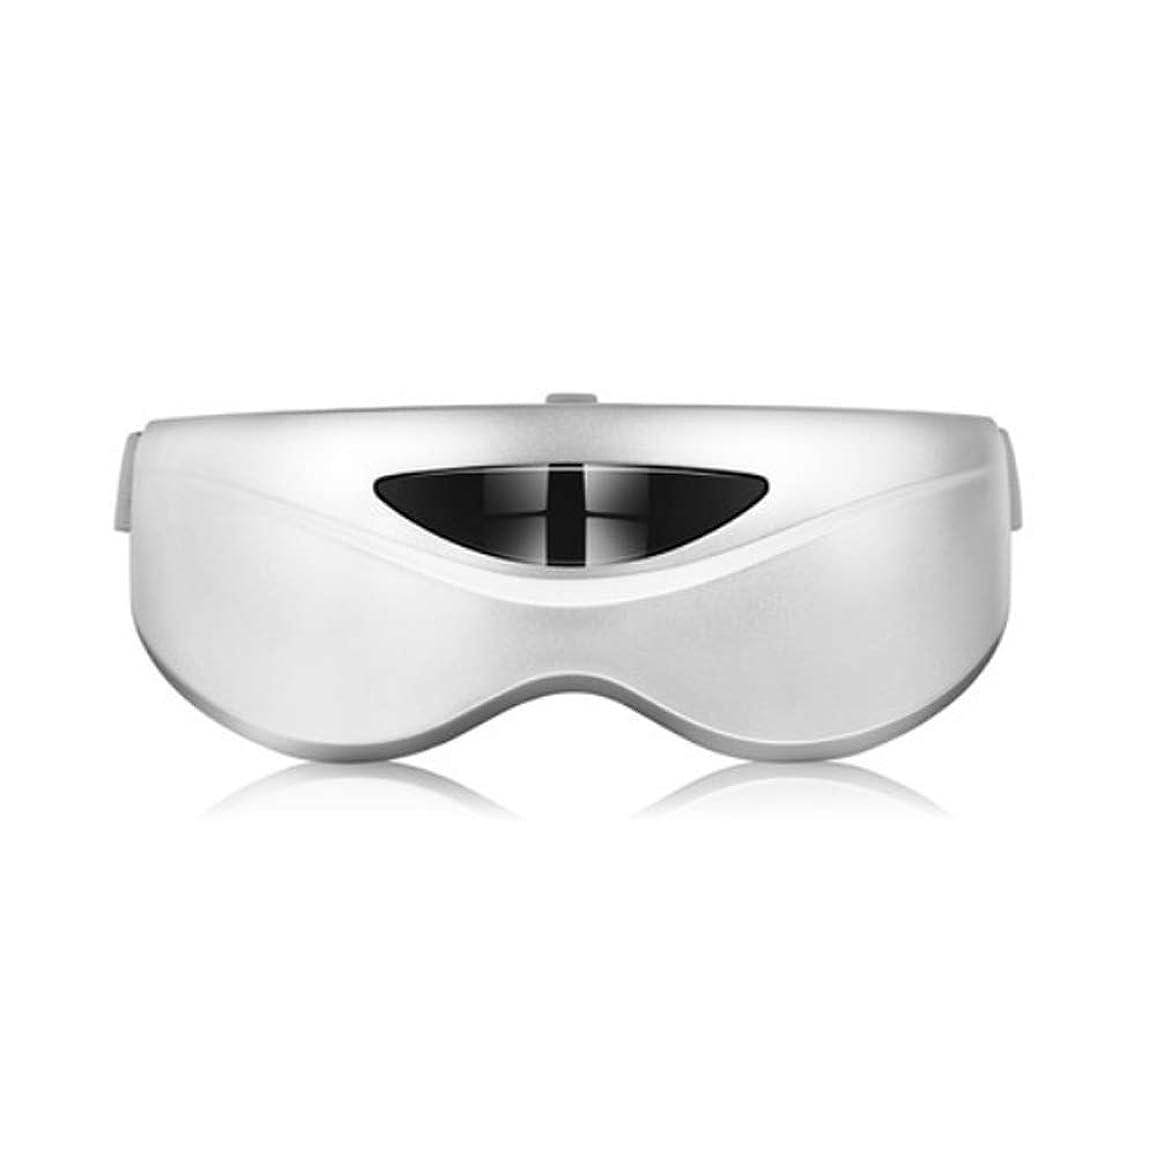 不運一節熟したマッサージ器 - 熱を緩和するアイケア機器アイマスク疲労マッサージ器 (色 : シルバー しるば゜)